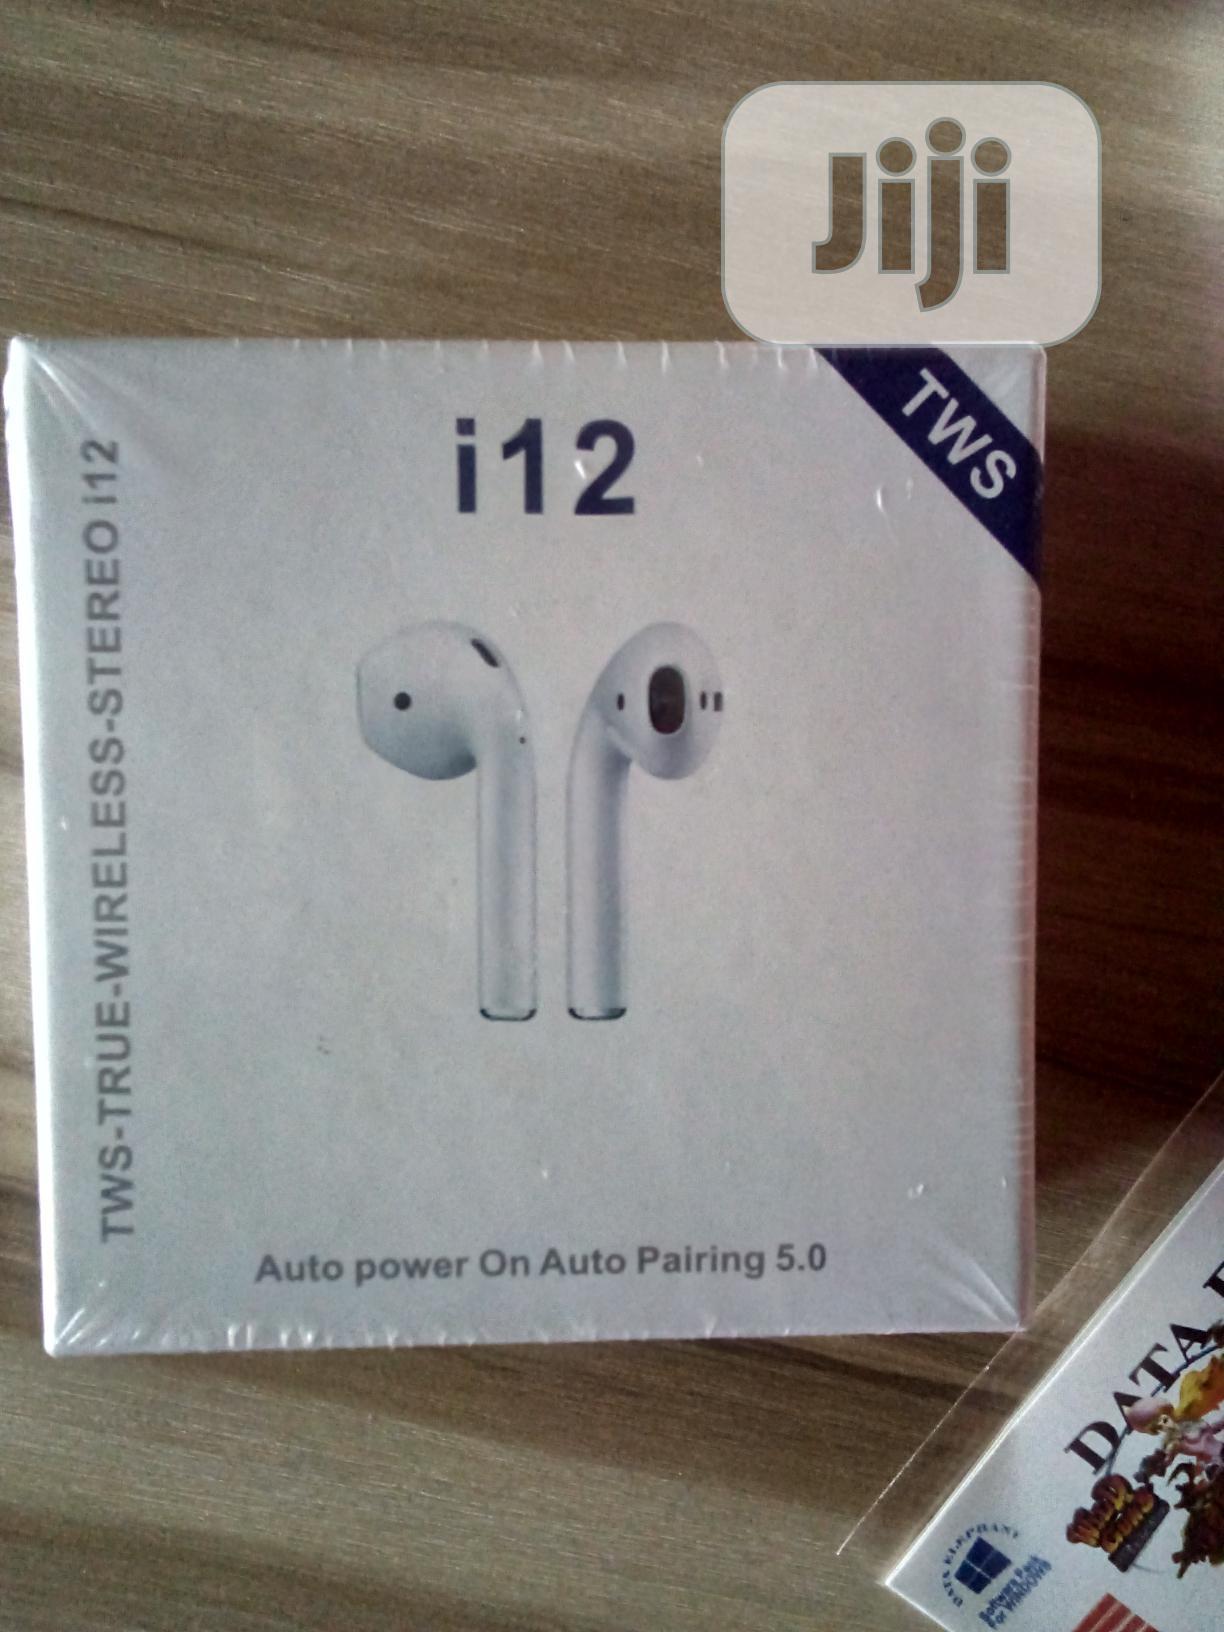 I12 Tws Headsets